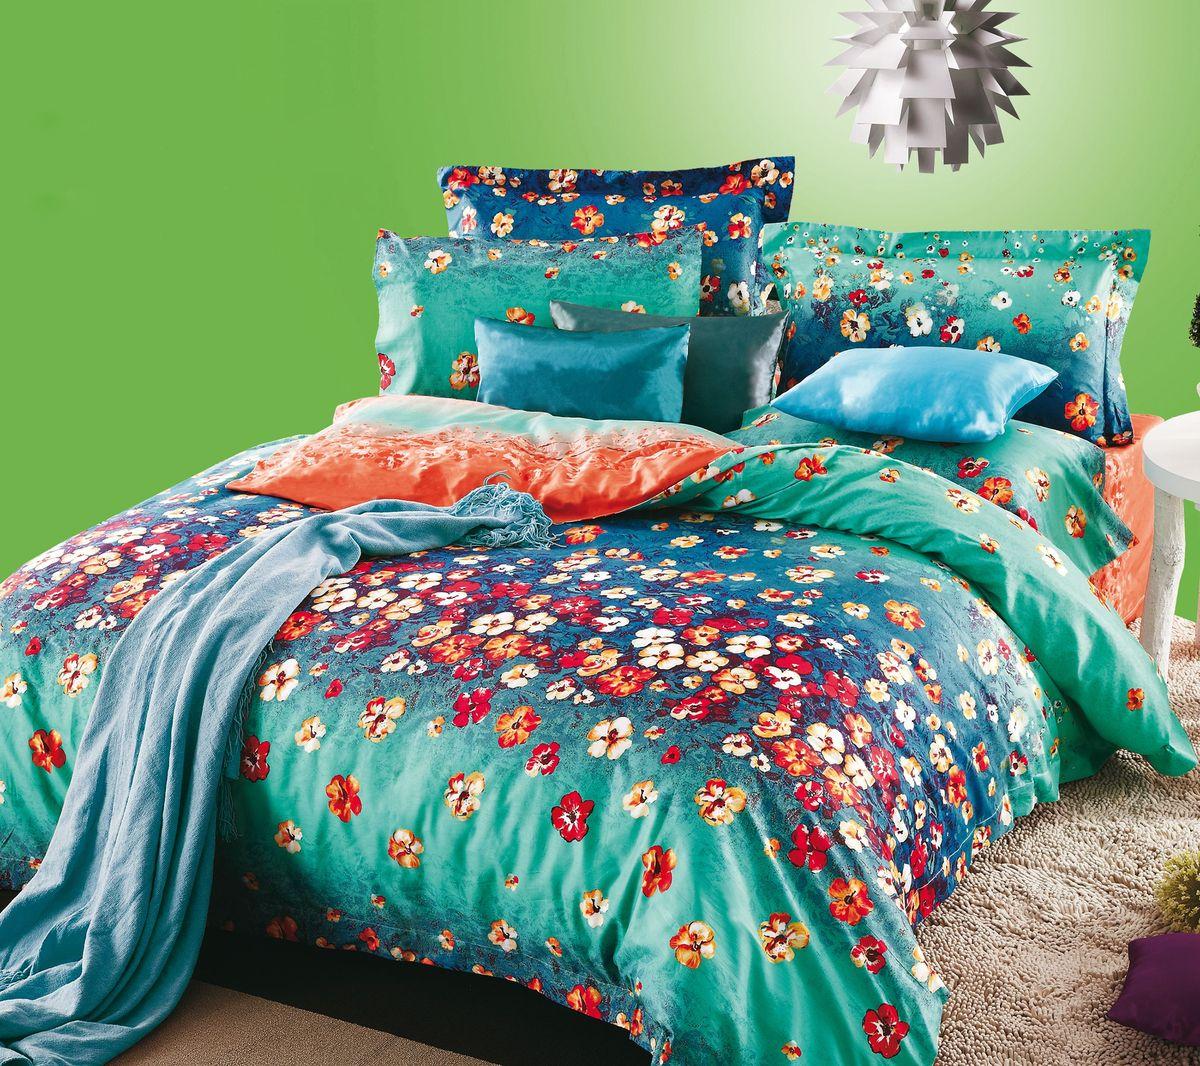 Комплект белья Коллекция Цветочная поляна 2, 2-спальный, наволочки 50x70. СЛ2/50/ОЗ/цв2 комплект жасмина размер 2 0 спальный с европростыней